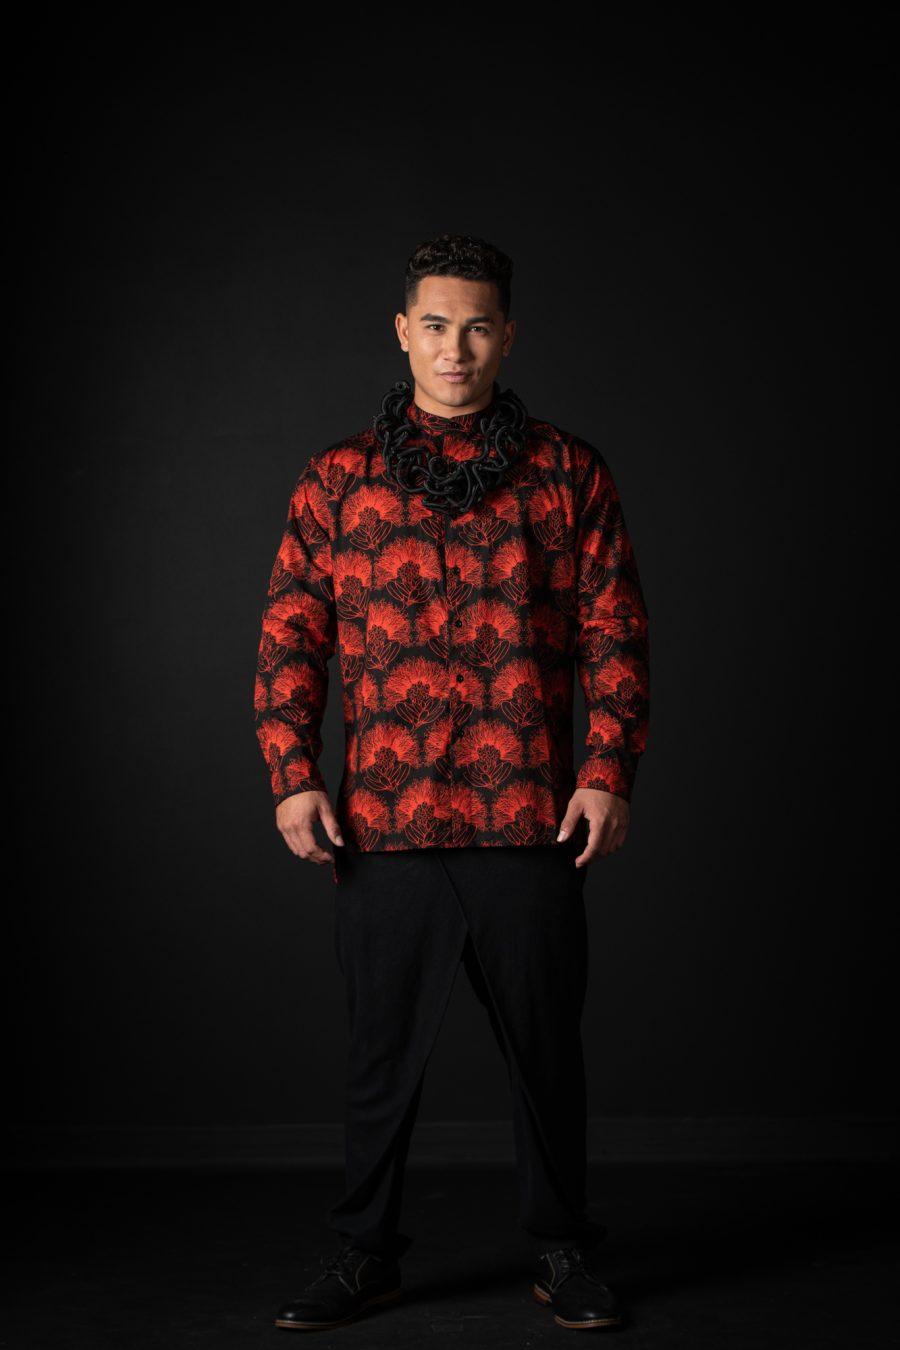 Male model wearing Pake Shirt in Black Firey Red Kalihilehua Pattern - Front View